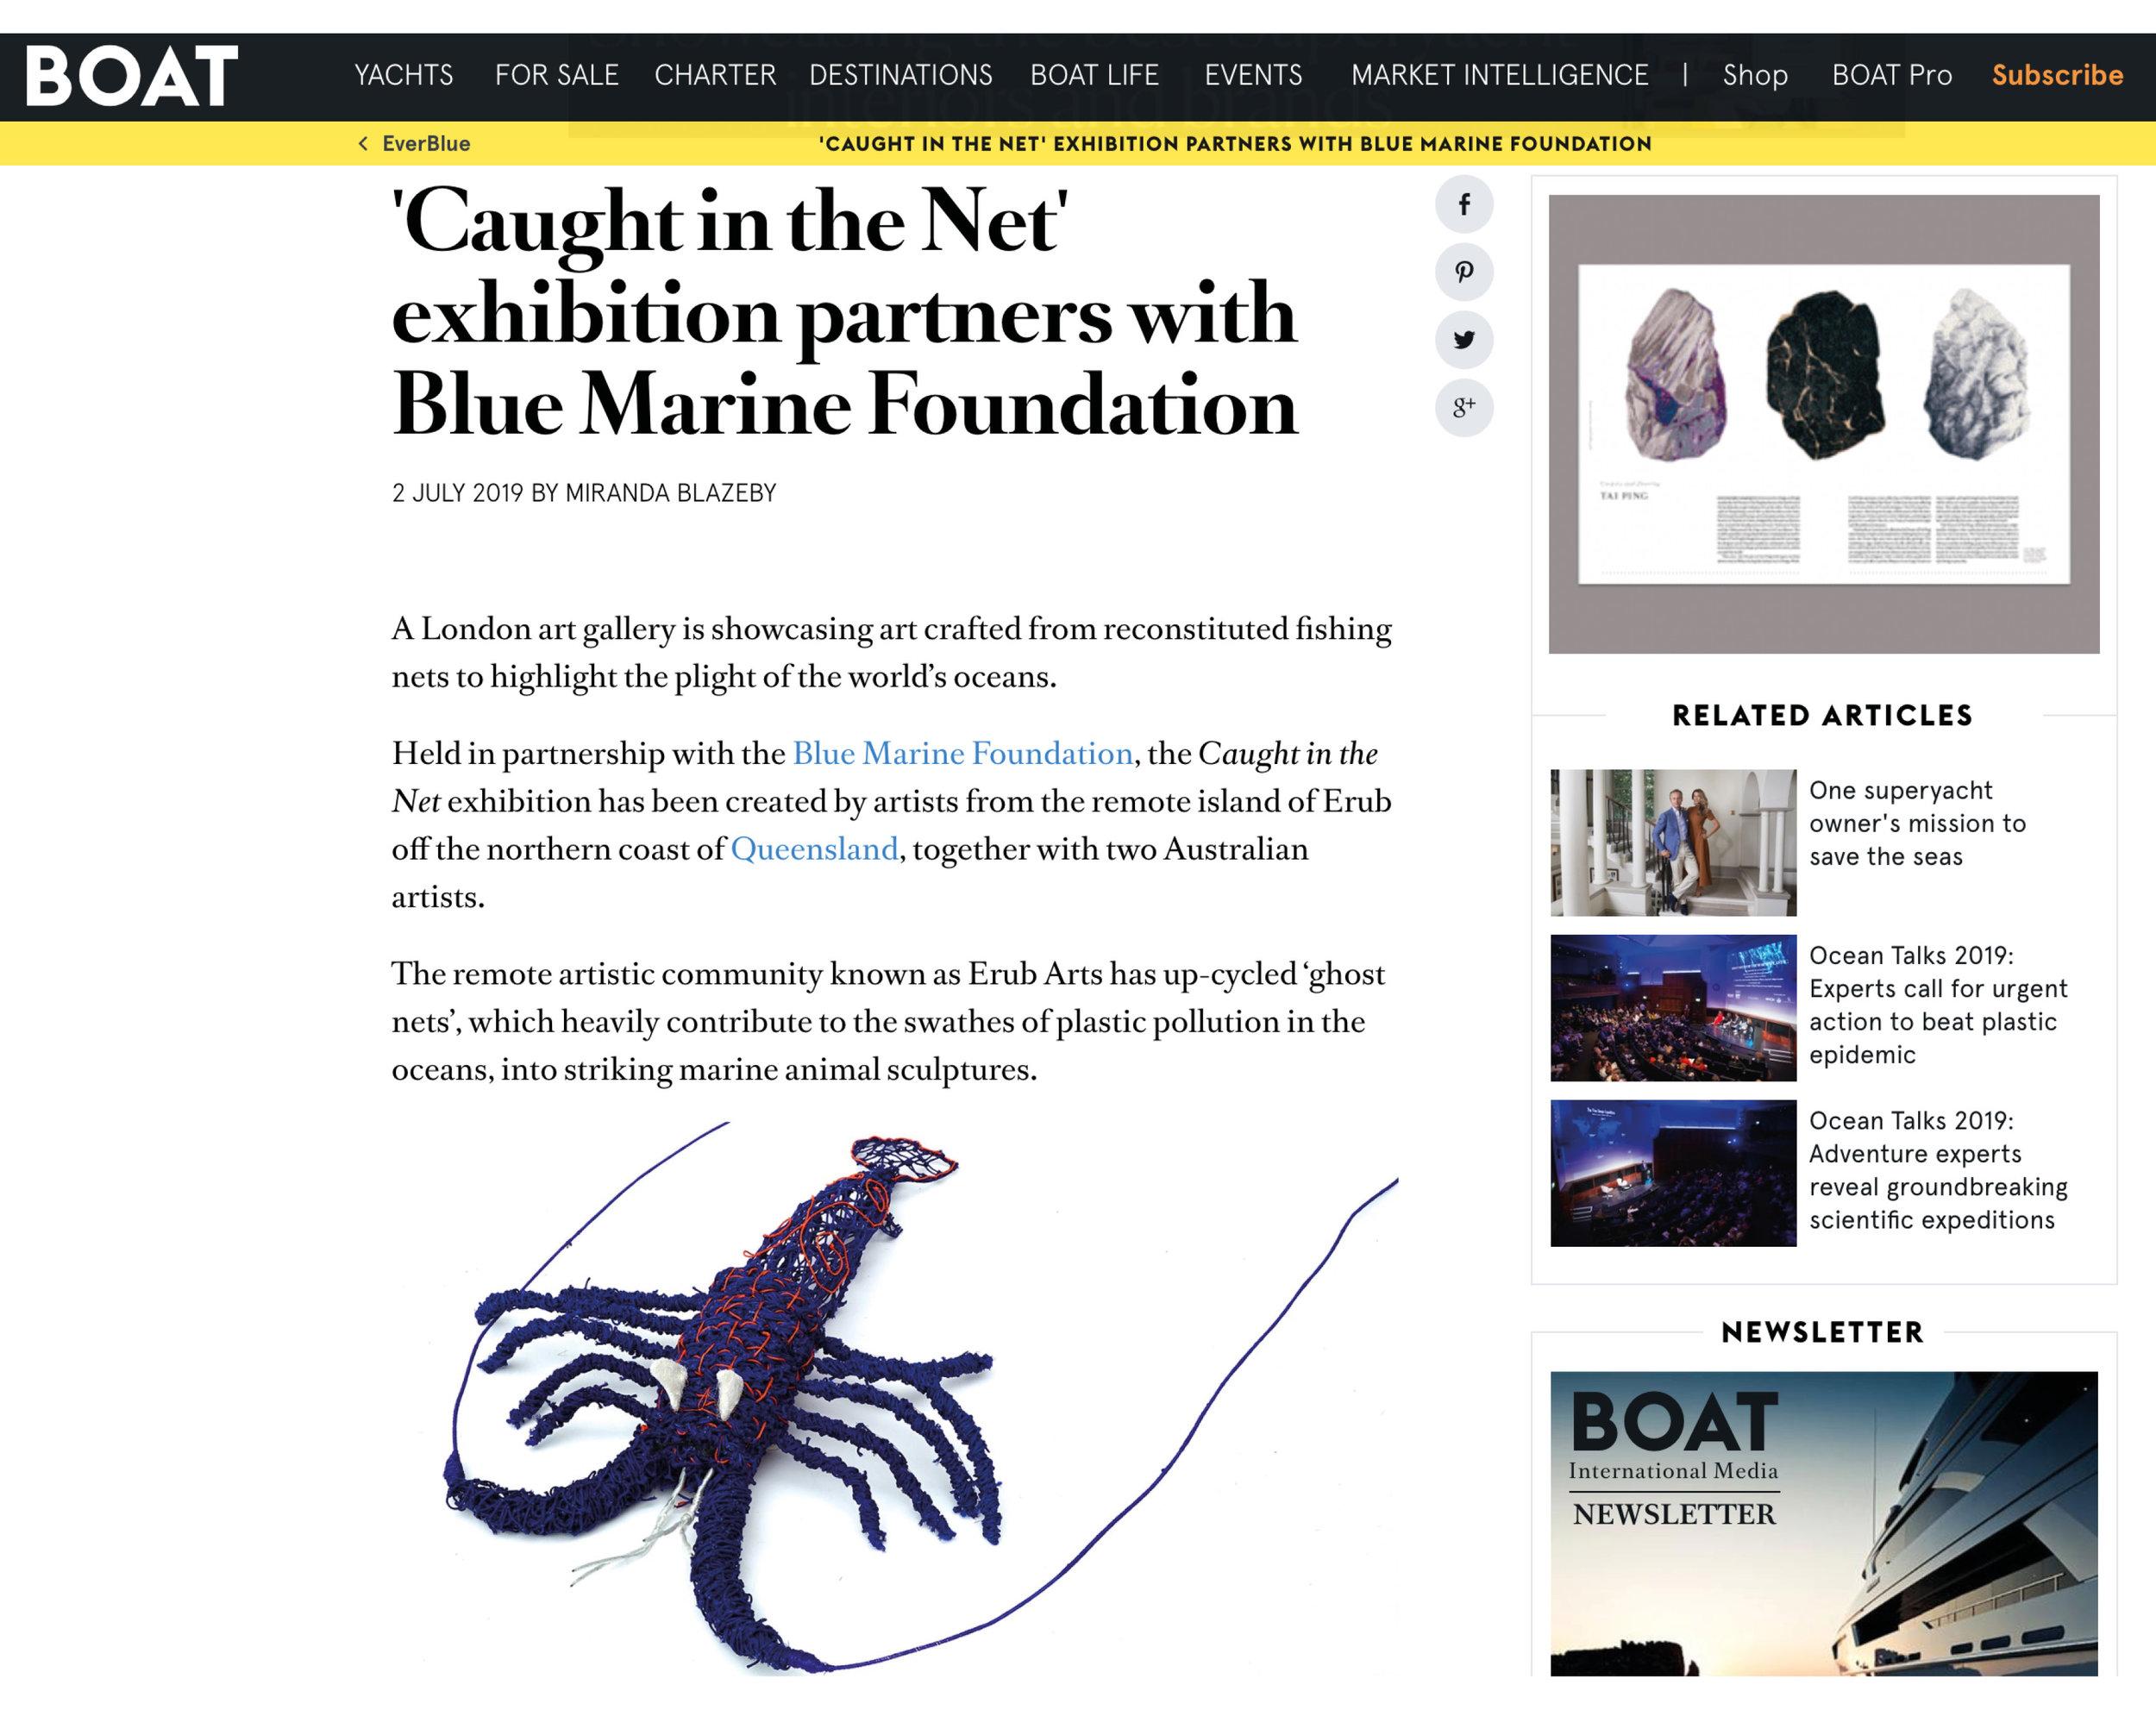 BOAT Caught in the Net_July 2019.jpg